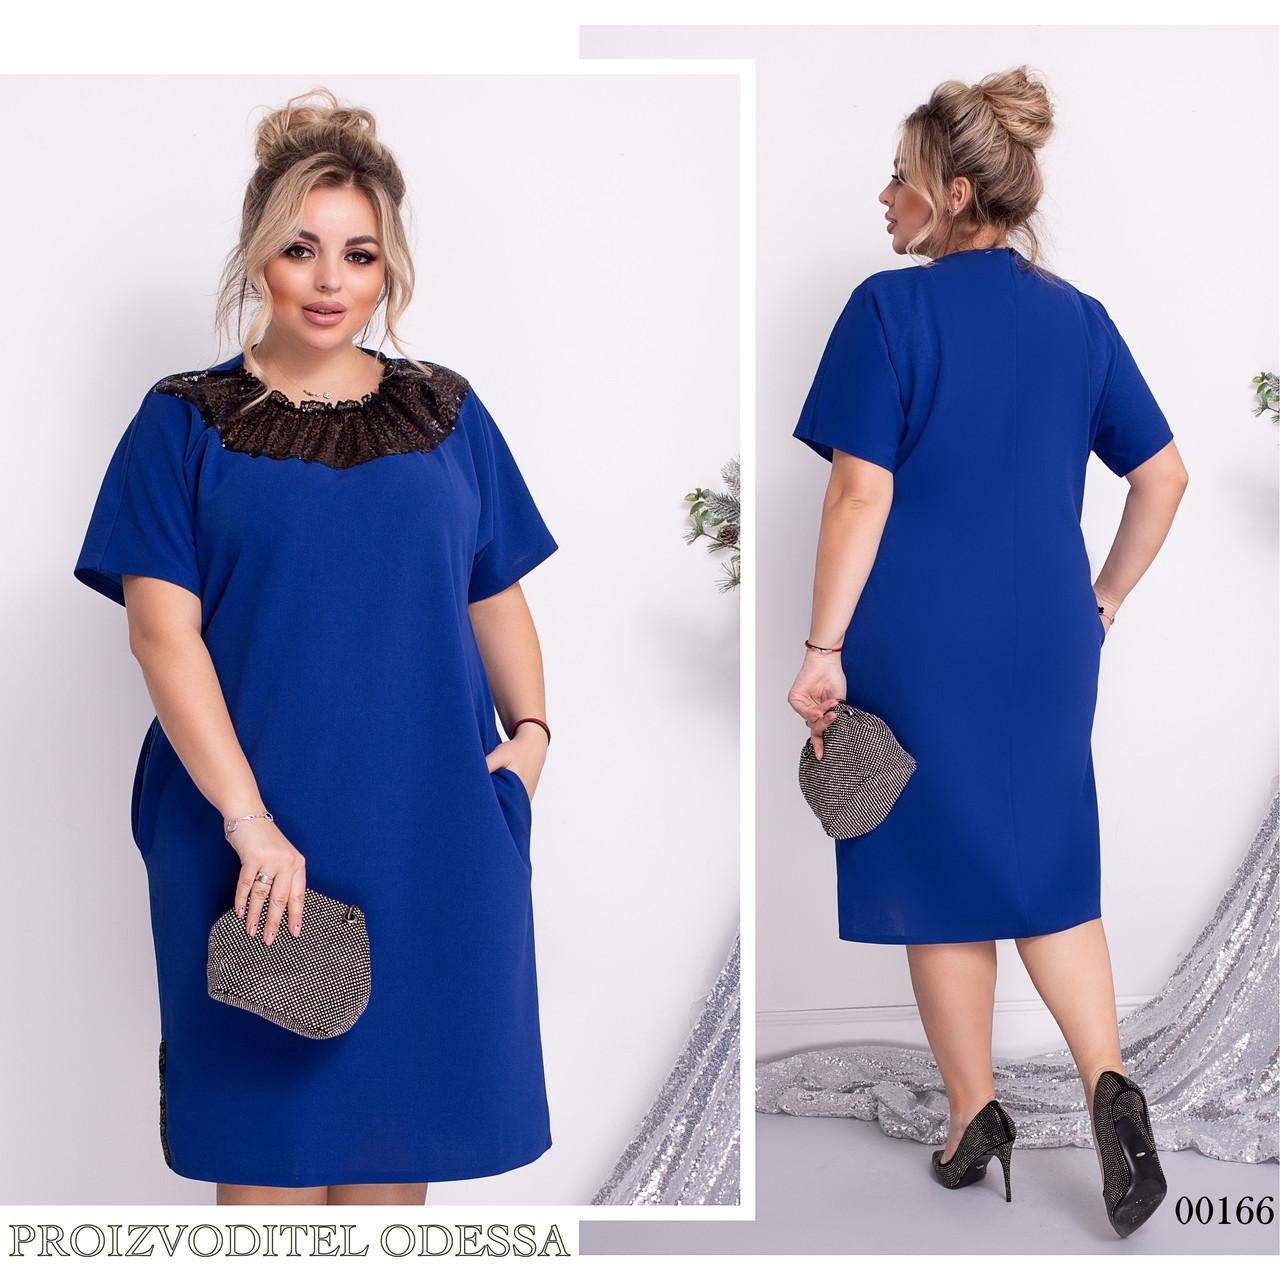 Платье прямое короткий рукав с карманами креп дайвинг+отделка пайетка 48-50,52-54,56-58,60-62